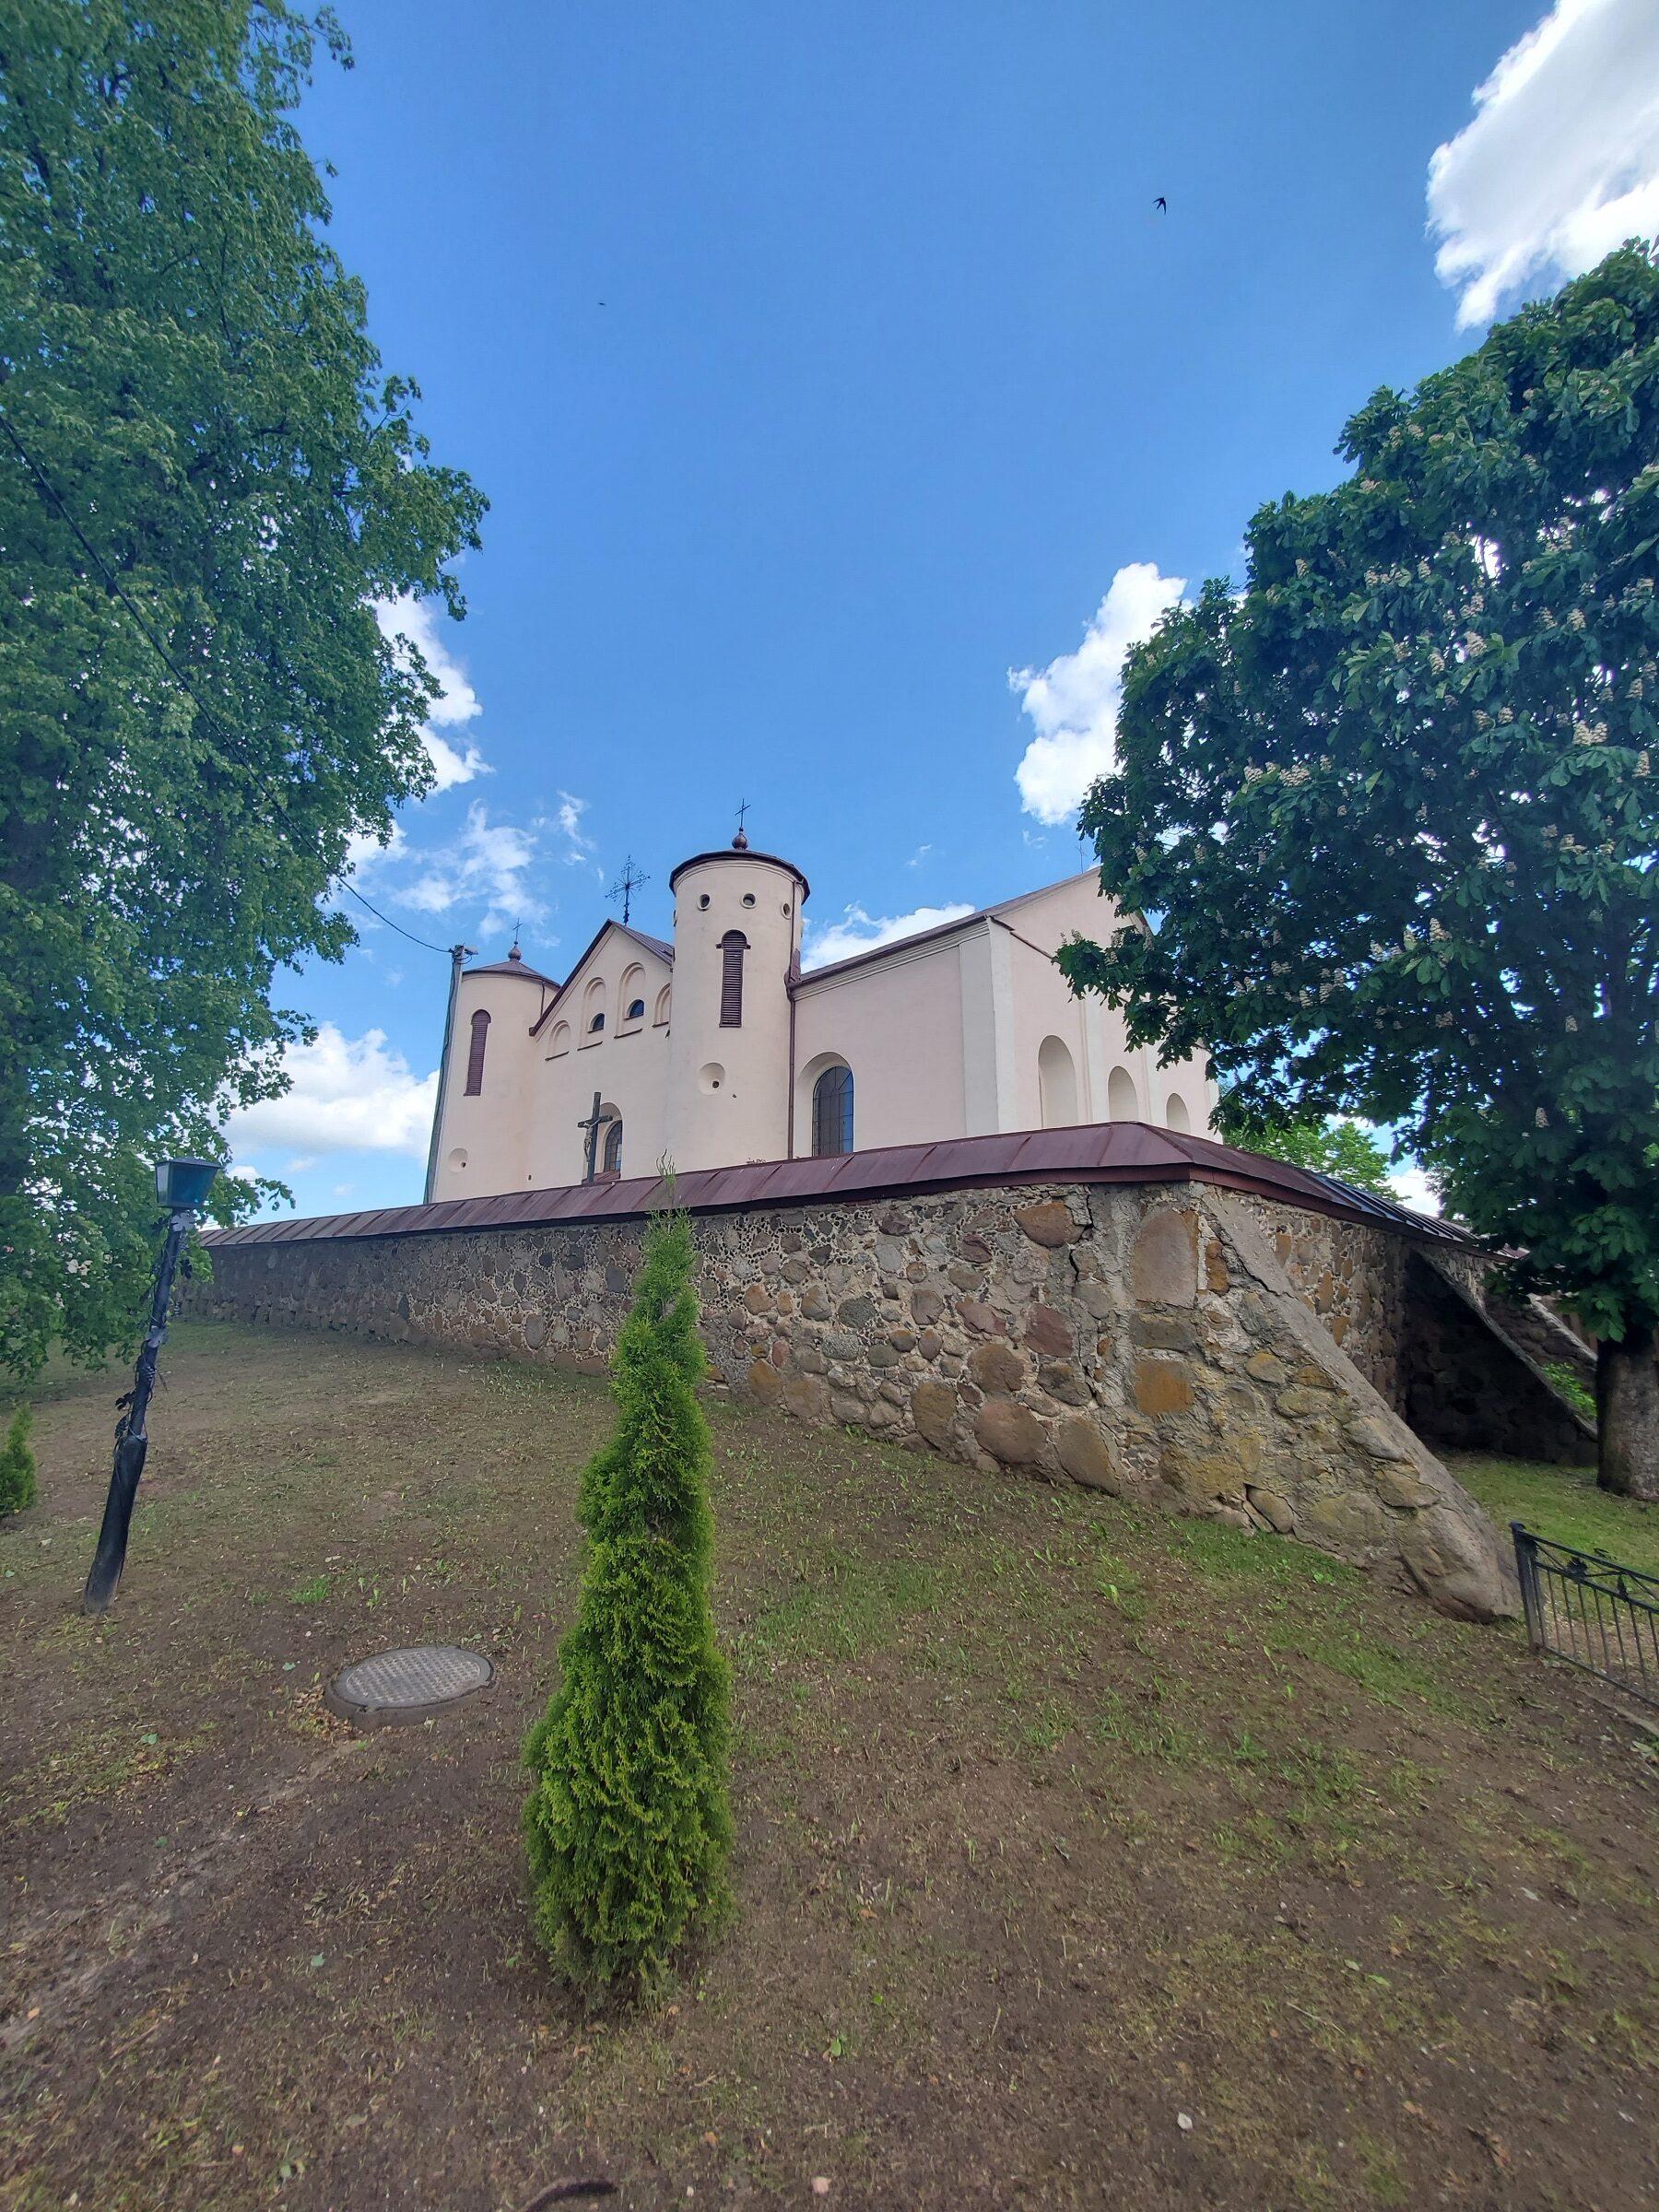 20200606 120210 rotated - Костел Св. Иоанна Крестителя в агрогородке Камаи